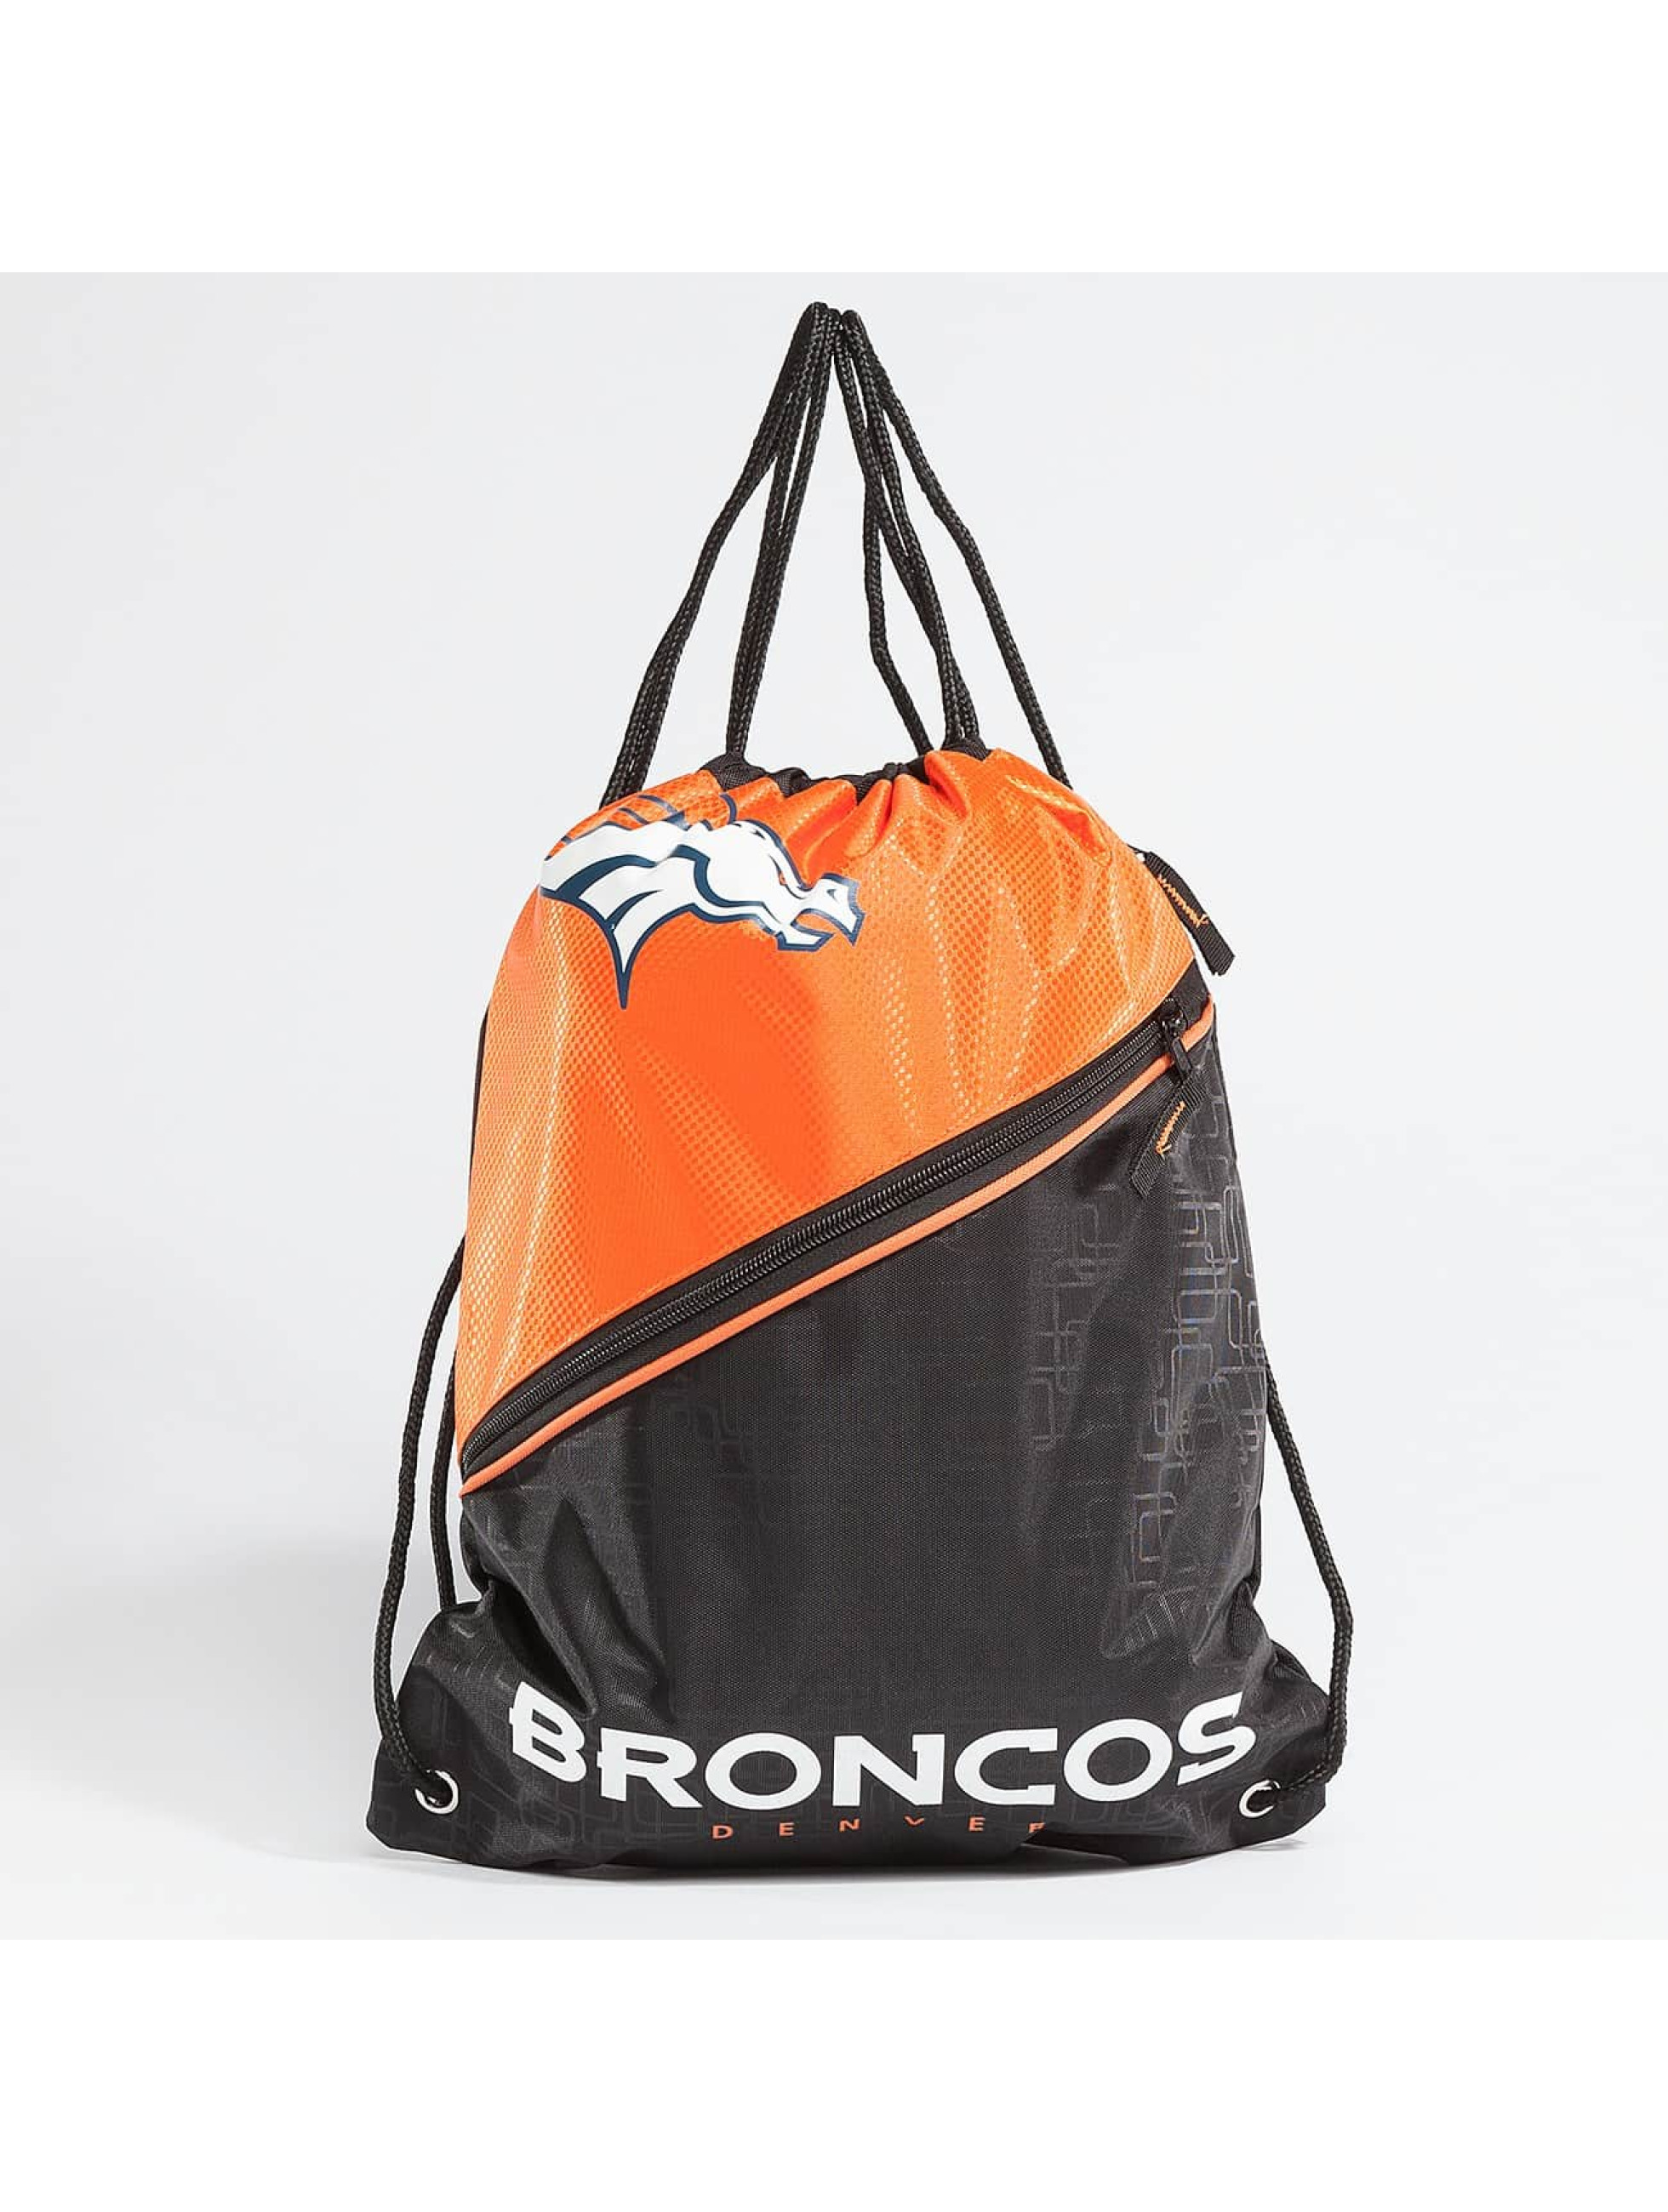 Forever Collectibles Männer,Frauen Beutel NFL Diagonal Zip Drawstring Broncos in schwarz